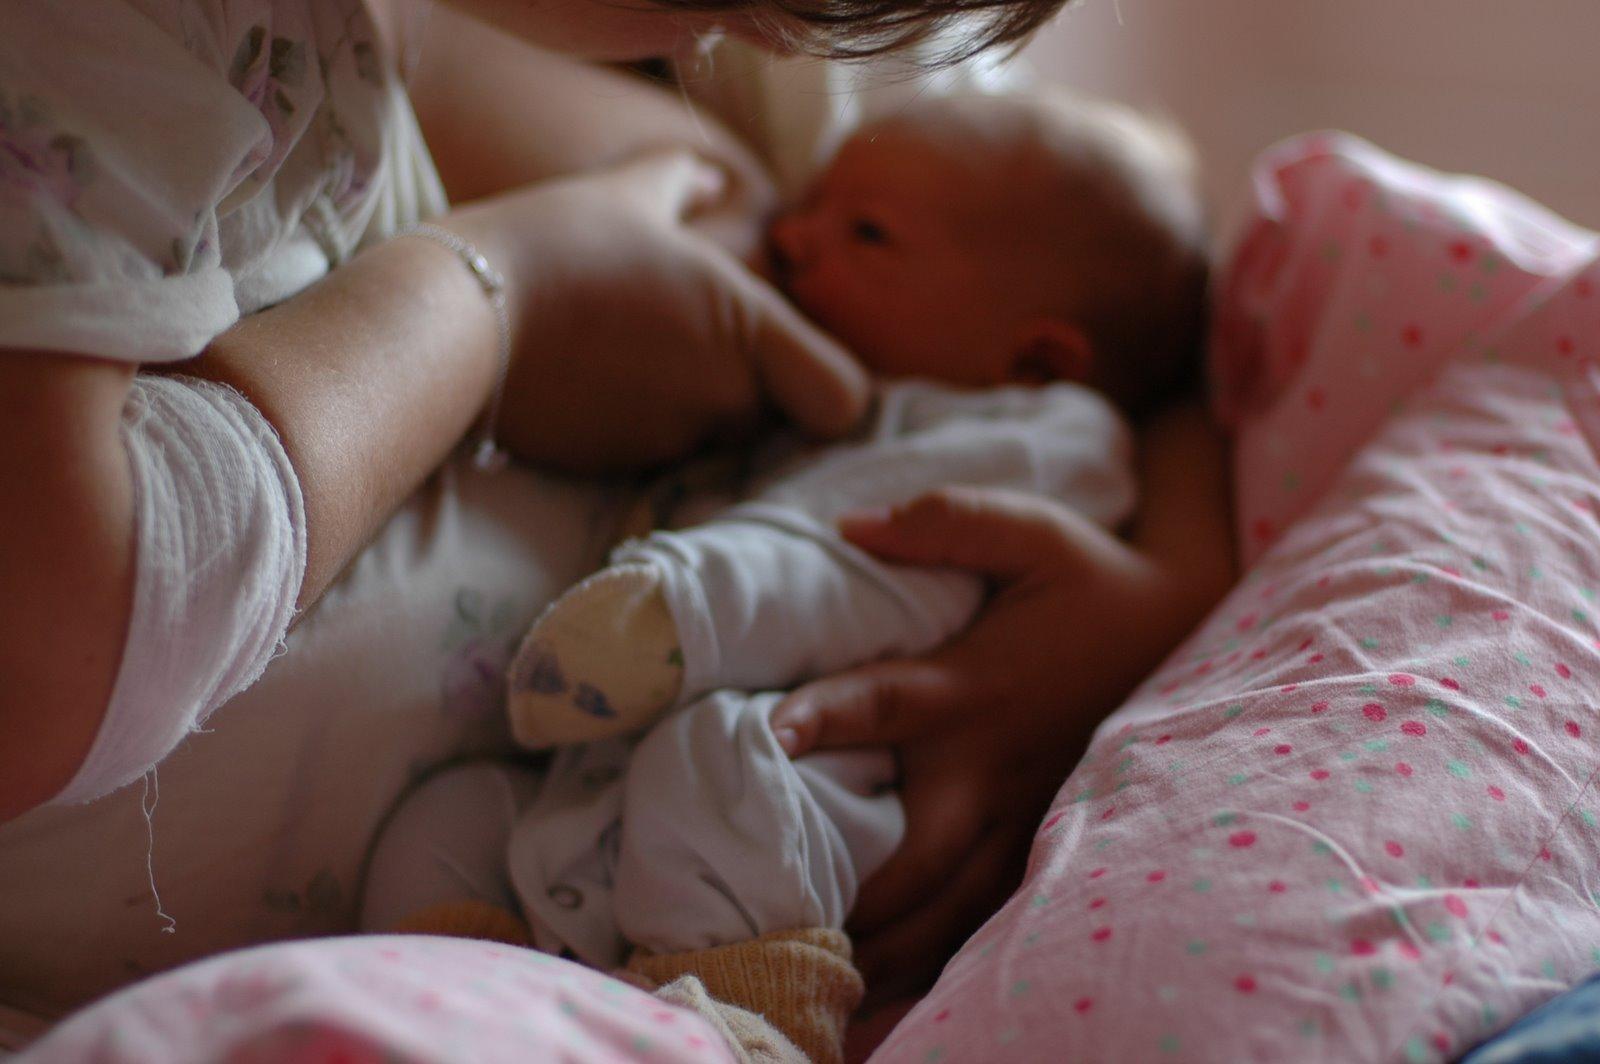 Lactancia materna en América Latina: panorama actual